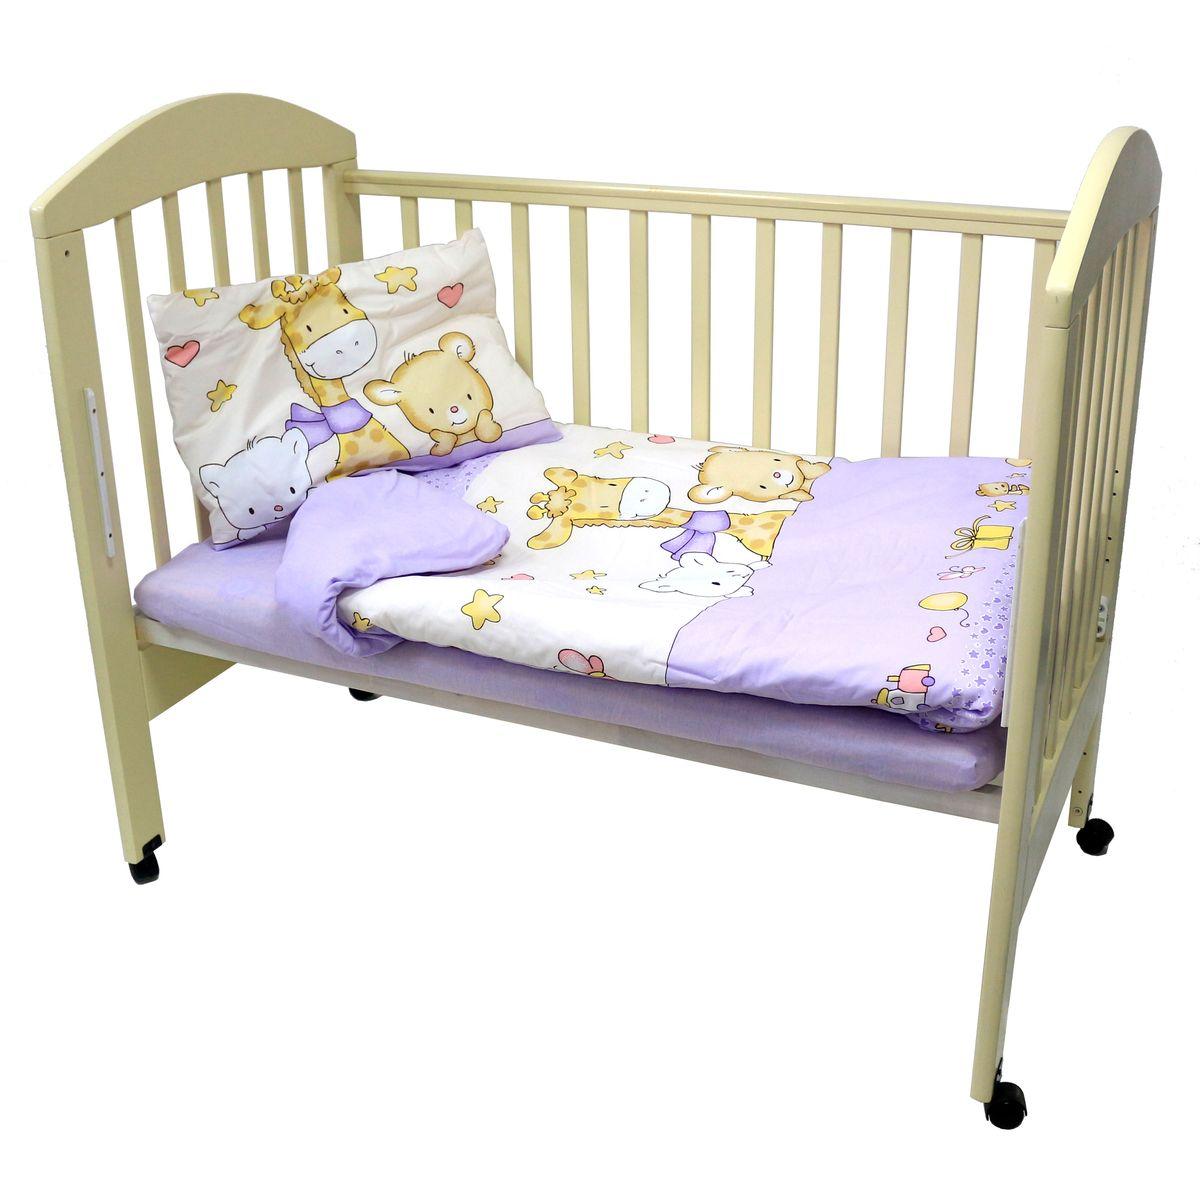 Топотушки Комплект детского постельного белья Детский Мир цвет сиреневый 3 предмета